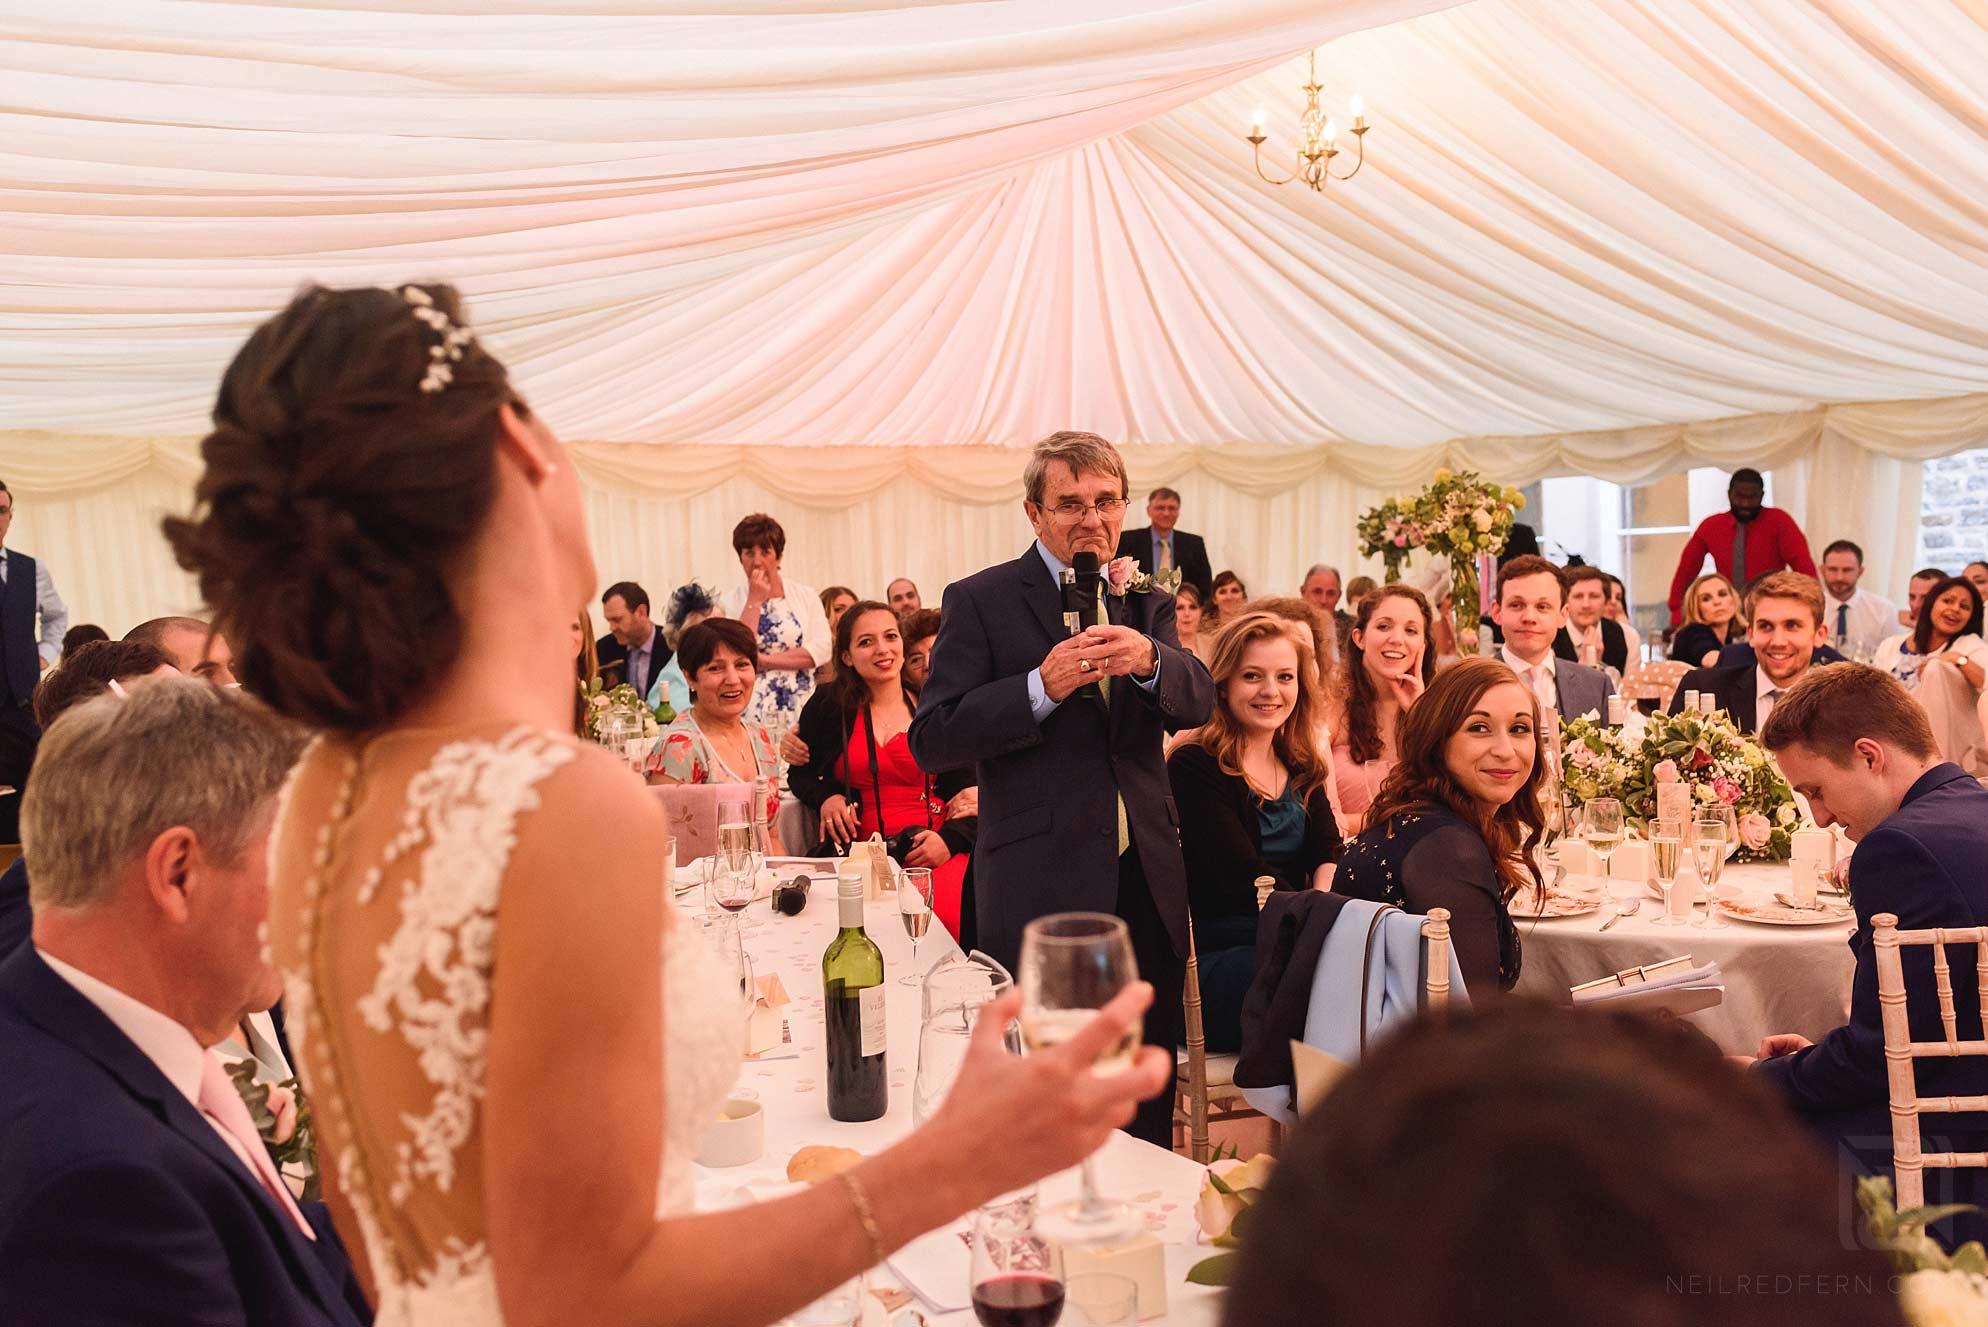 Nanteos-Mansion-wedding-photographs-45